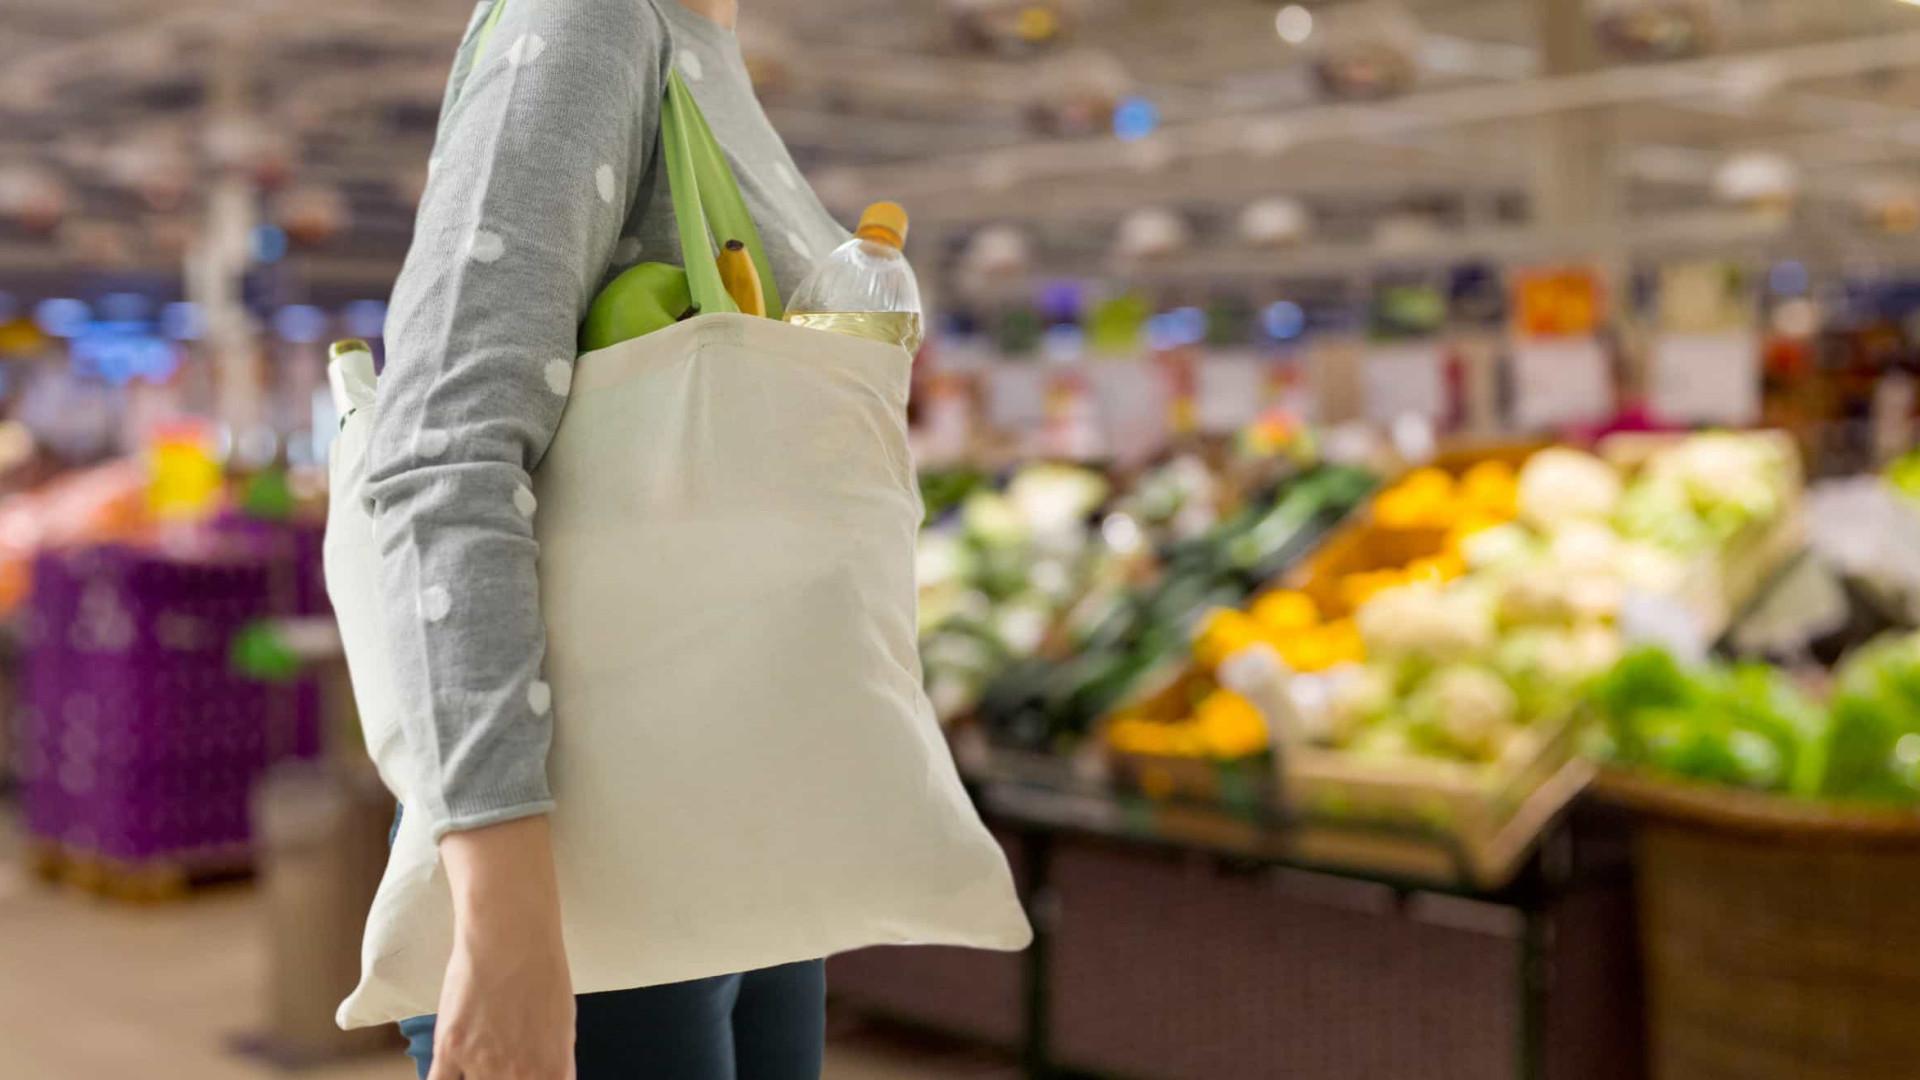 'A indústria tenta boicotar o guia de alimentos', diz responsável pelo documento